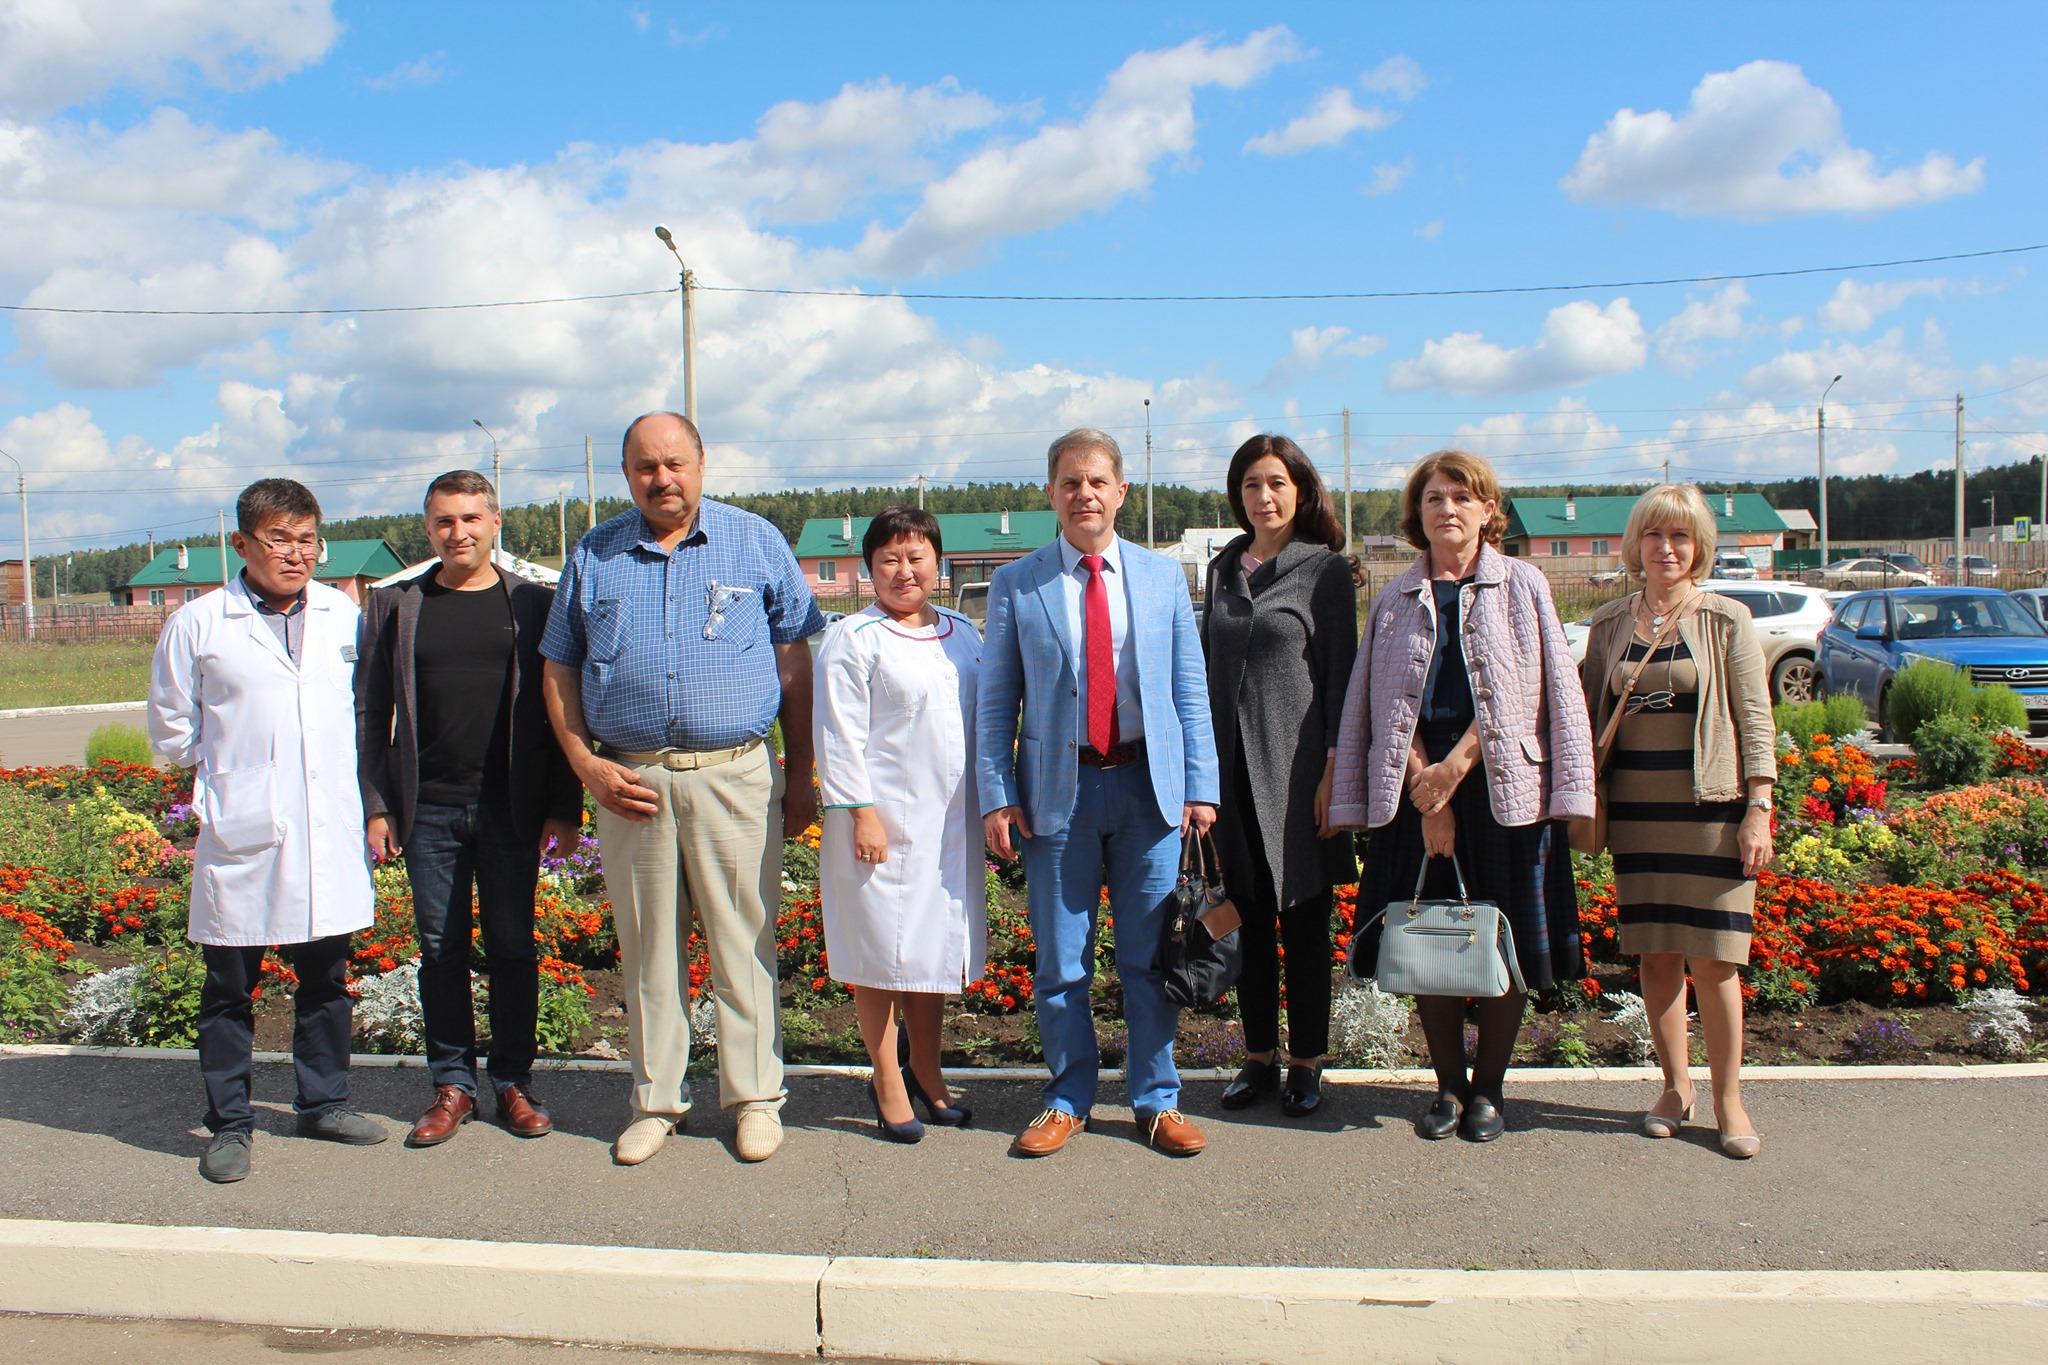 Министр здравоохранения Иркутской области Олег Ярошенко 6 сентября 2019 года совершил рабочую поездку в Аларскую районную больницу.  В ходе рабочего визита министр здравоохранения Иркутской области совместно с ведущими специалистами областного минздр…